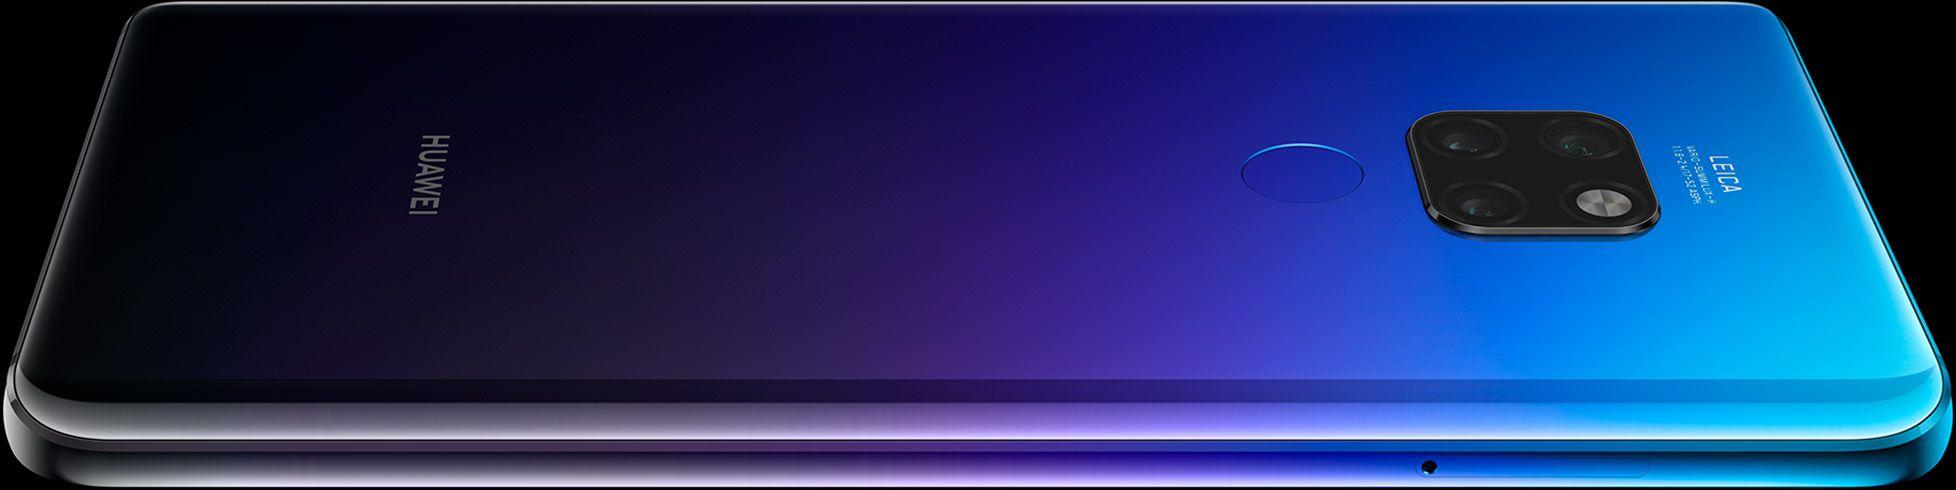 Huawei Mate 20 128 Go Double SIM Noir_image_4 Rakuten